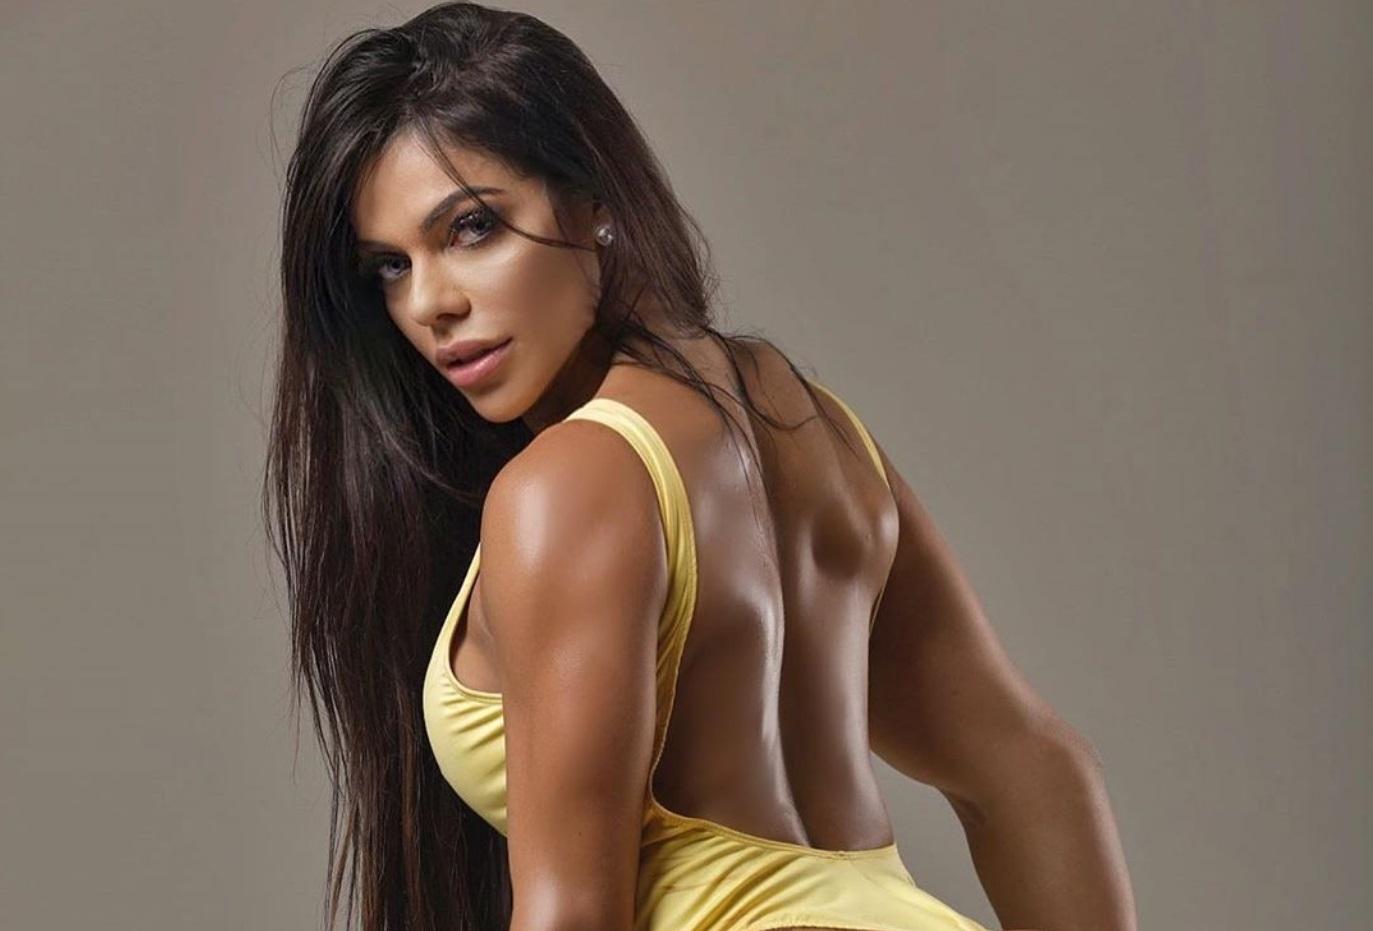 Joselyn cano (джозелин кано) - биография и фото американской фитнес модели